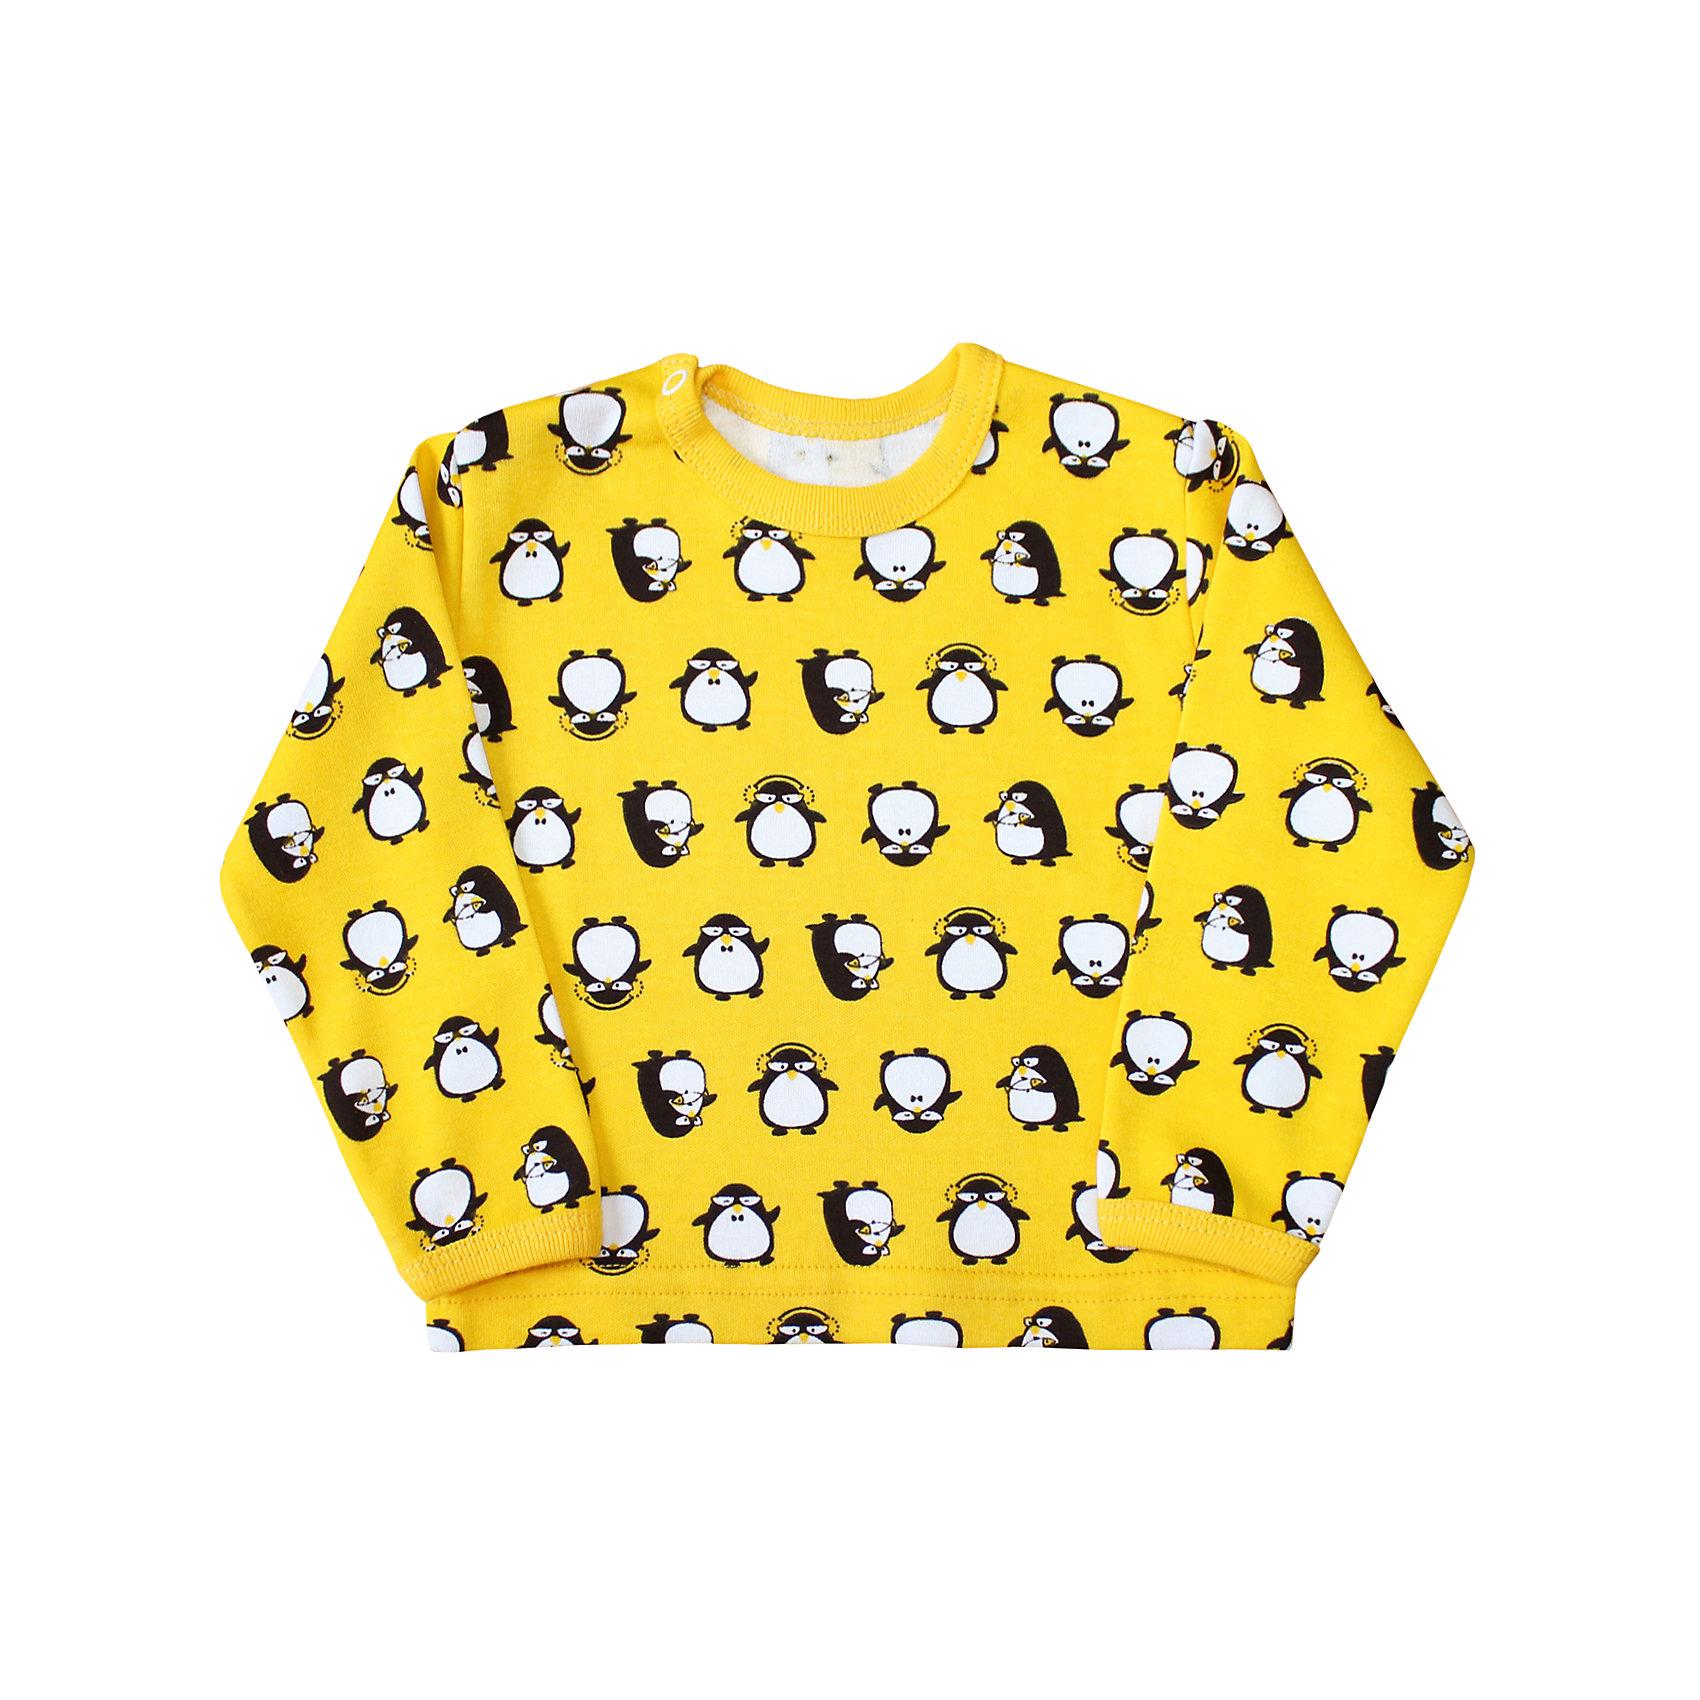 Футболка с длинным рукавом для мальчика Веселый малышФутболки с длинным рукавом<br>Футболка длин. рукав на кнопках из интерлока (пенье).<br>Состав:<br>100% Хлопок<br><br>Ширина мм: 157<br>Глубина мм: 13<br>Высота мм: 119<br>Вес г: 200<br>Цвет: желтый<br>Возраст от месяцев: 2<br>Возраст до месяцев: 5<br>Пол: Мужской<br>Возраст: Детский<br>Размер: 62,86,68,74,80<br>SKU: 5063444